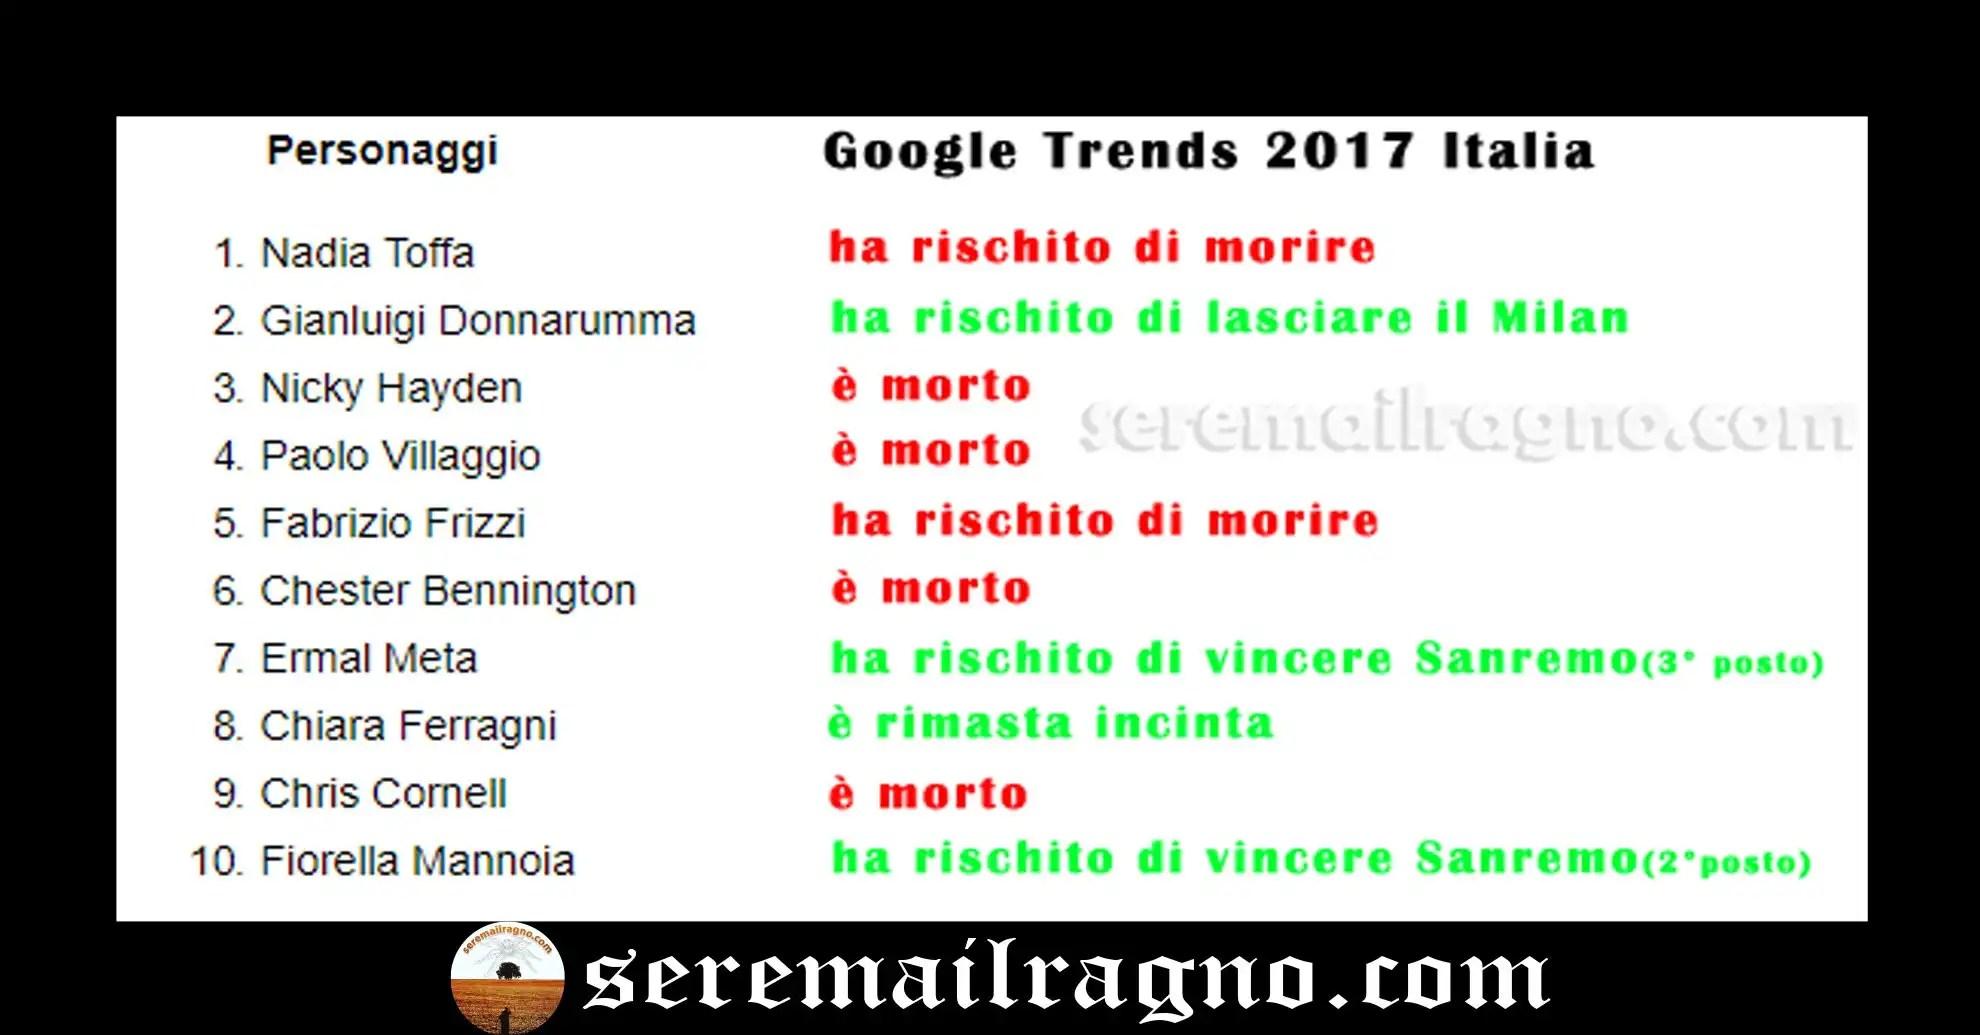 Trends 2017 Italia: i personaggi più cercati dell'anno e il segreto per diventare famosi